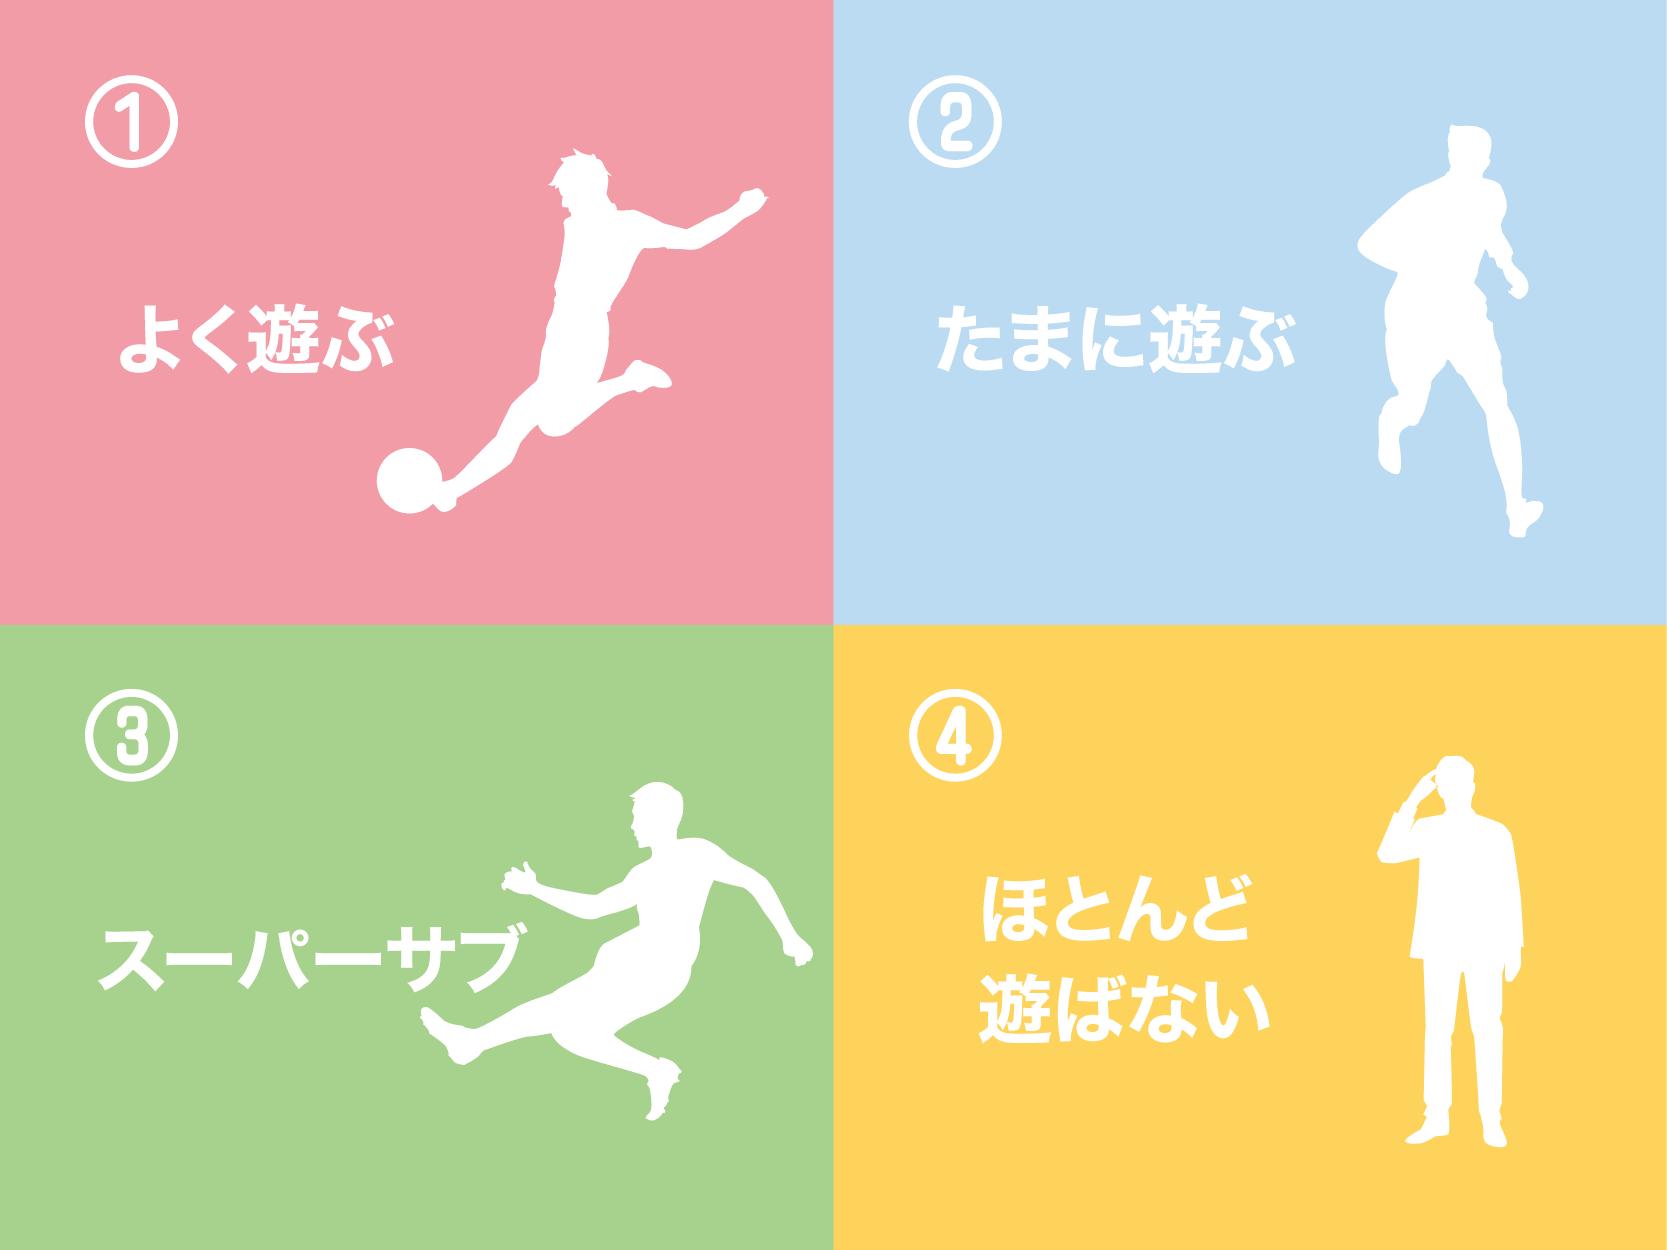 ボードゲームマネジメント論-4つのタイプに分ける